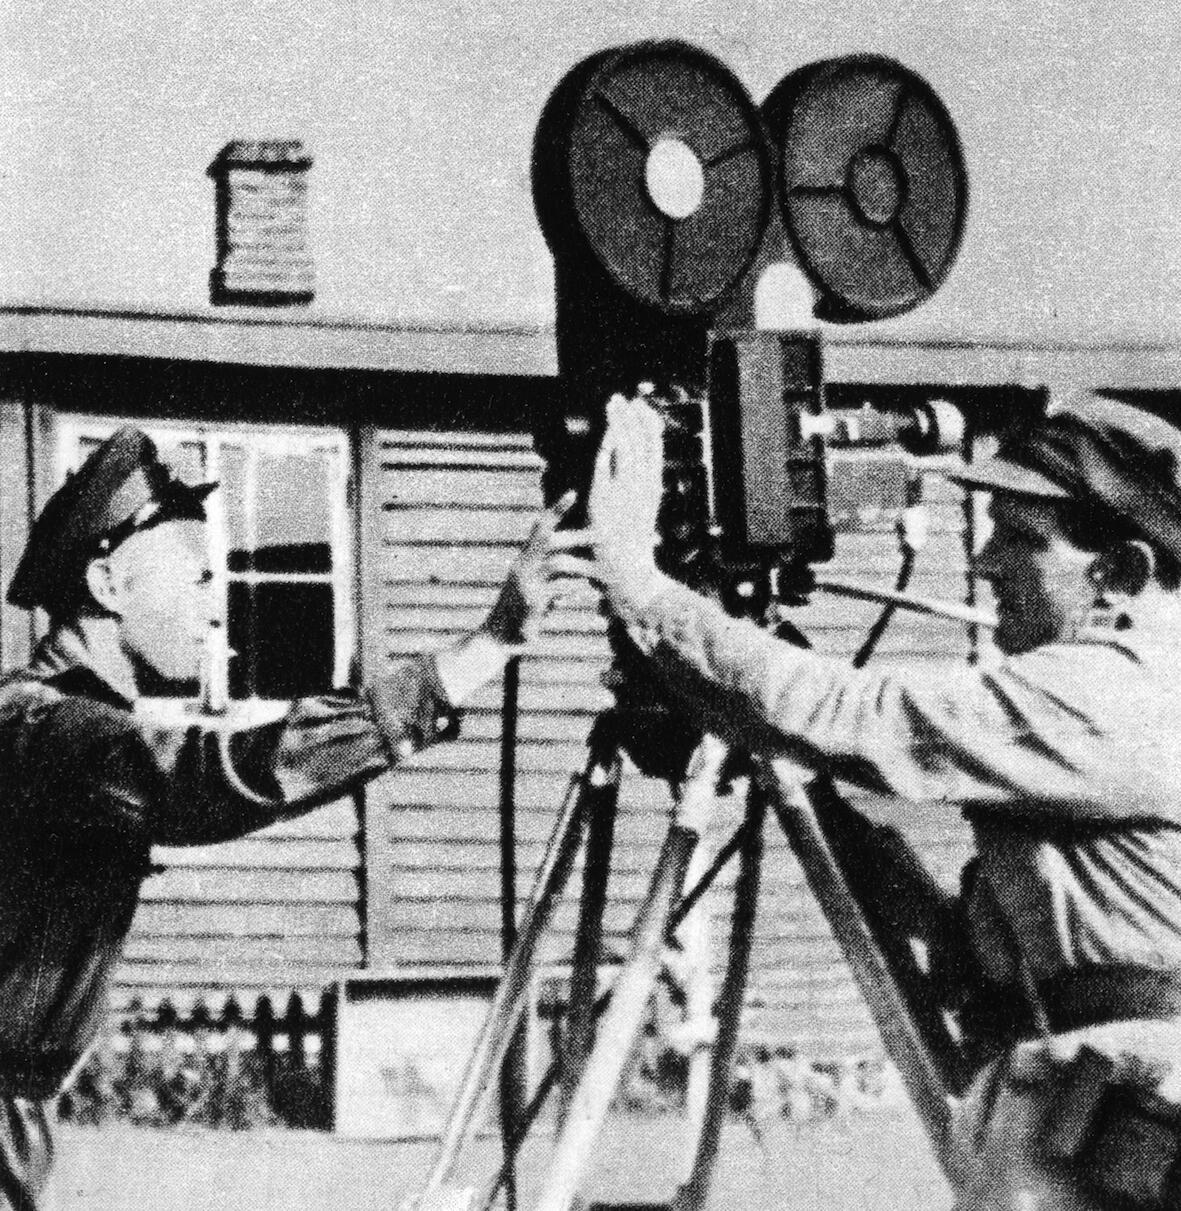 Роман Кармен и Адольф Форберт на съемках в Майданеке, июль 1944 (архив)